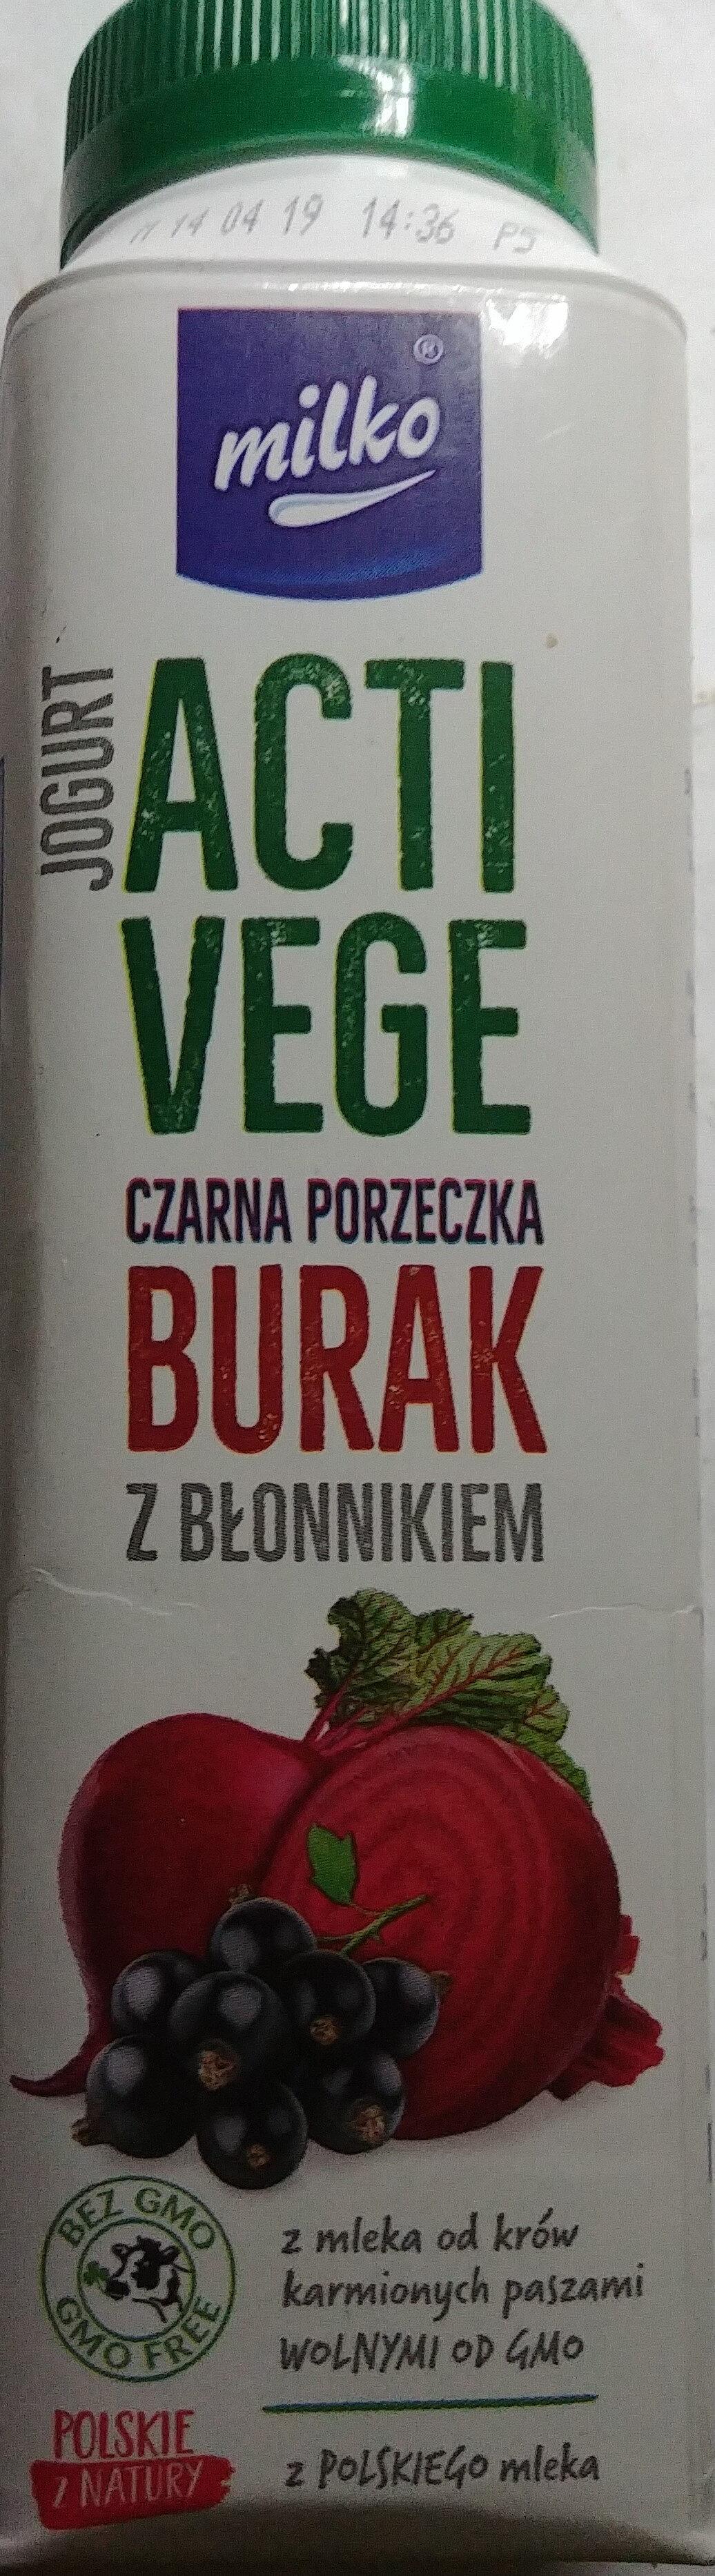 Jogurt pitny czarna porzeczka, burak z błonnikiem - Product - pl